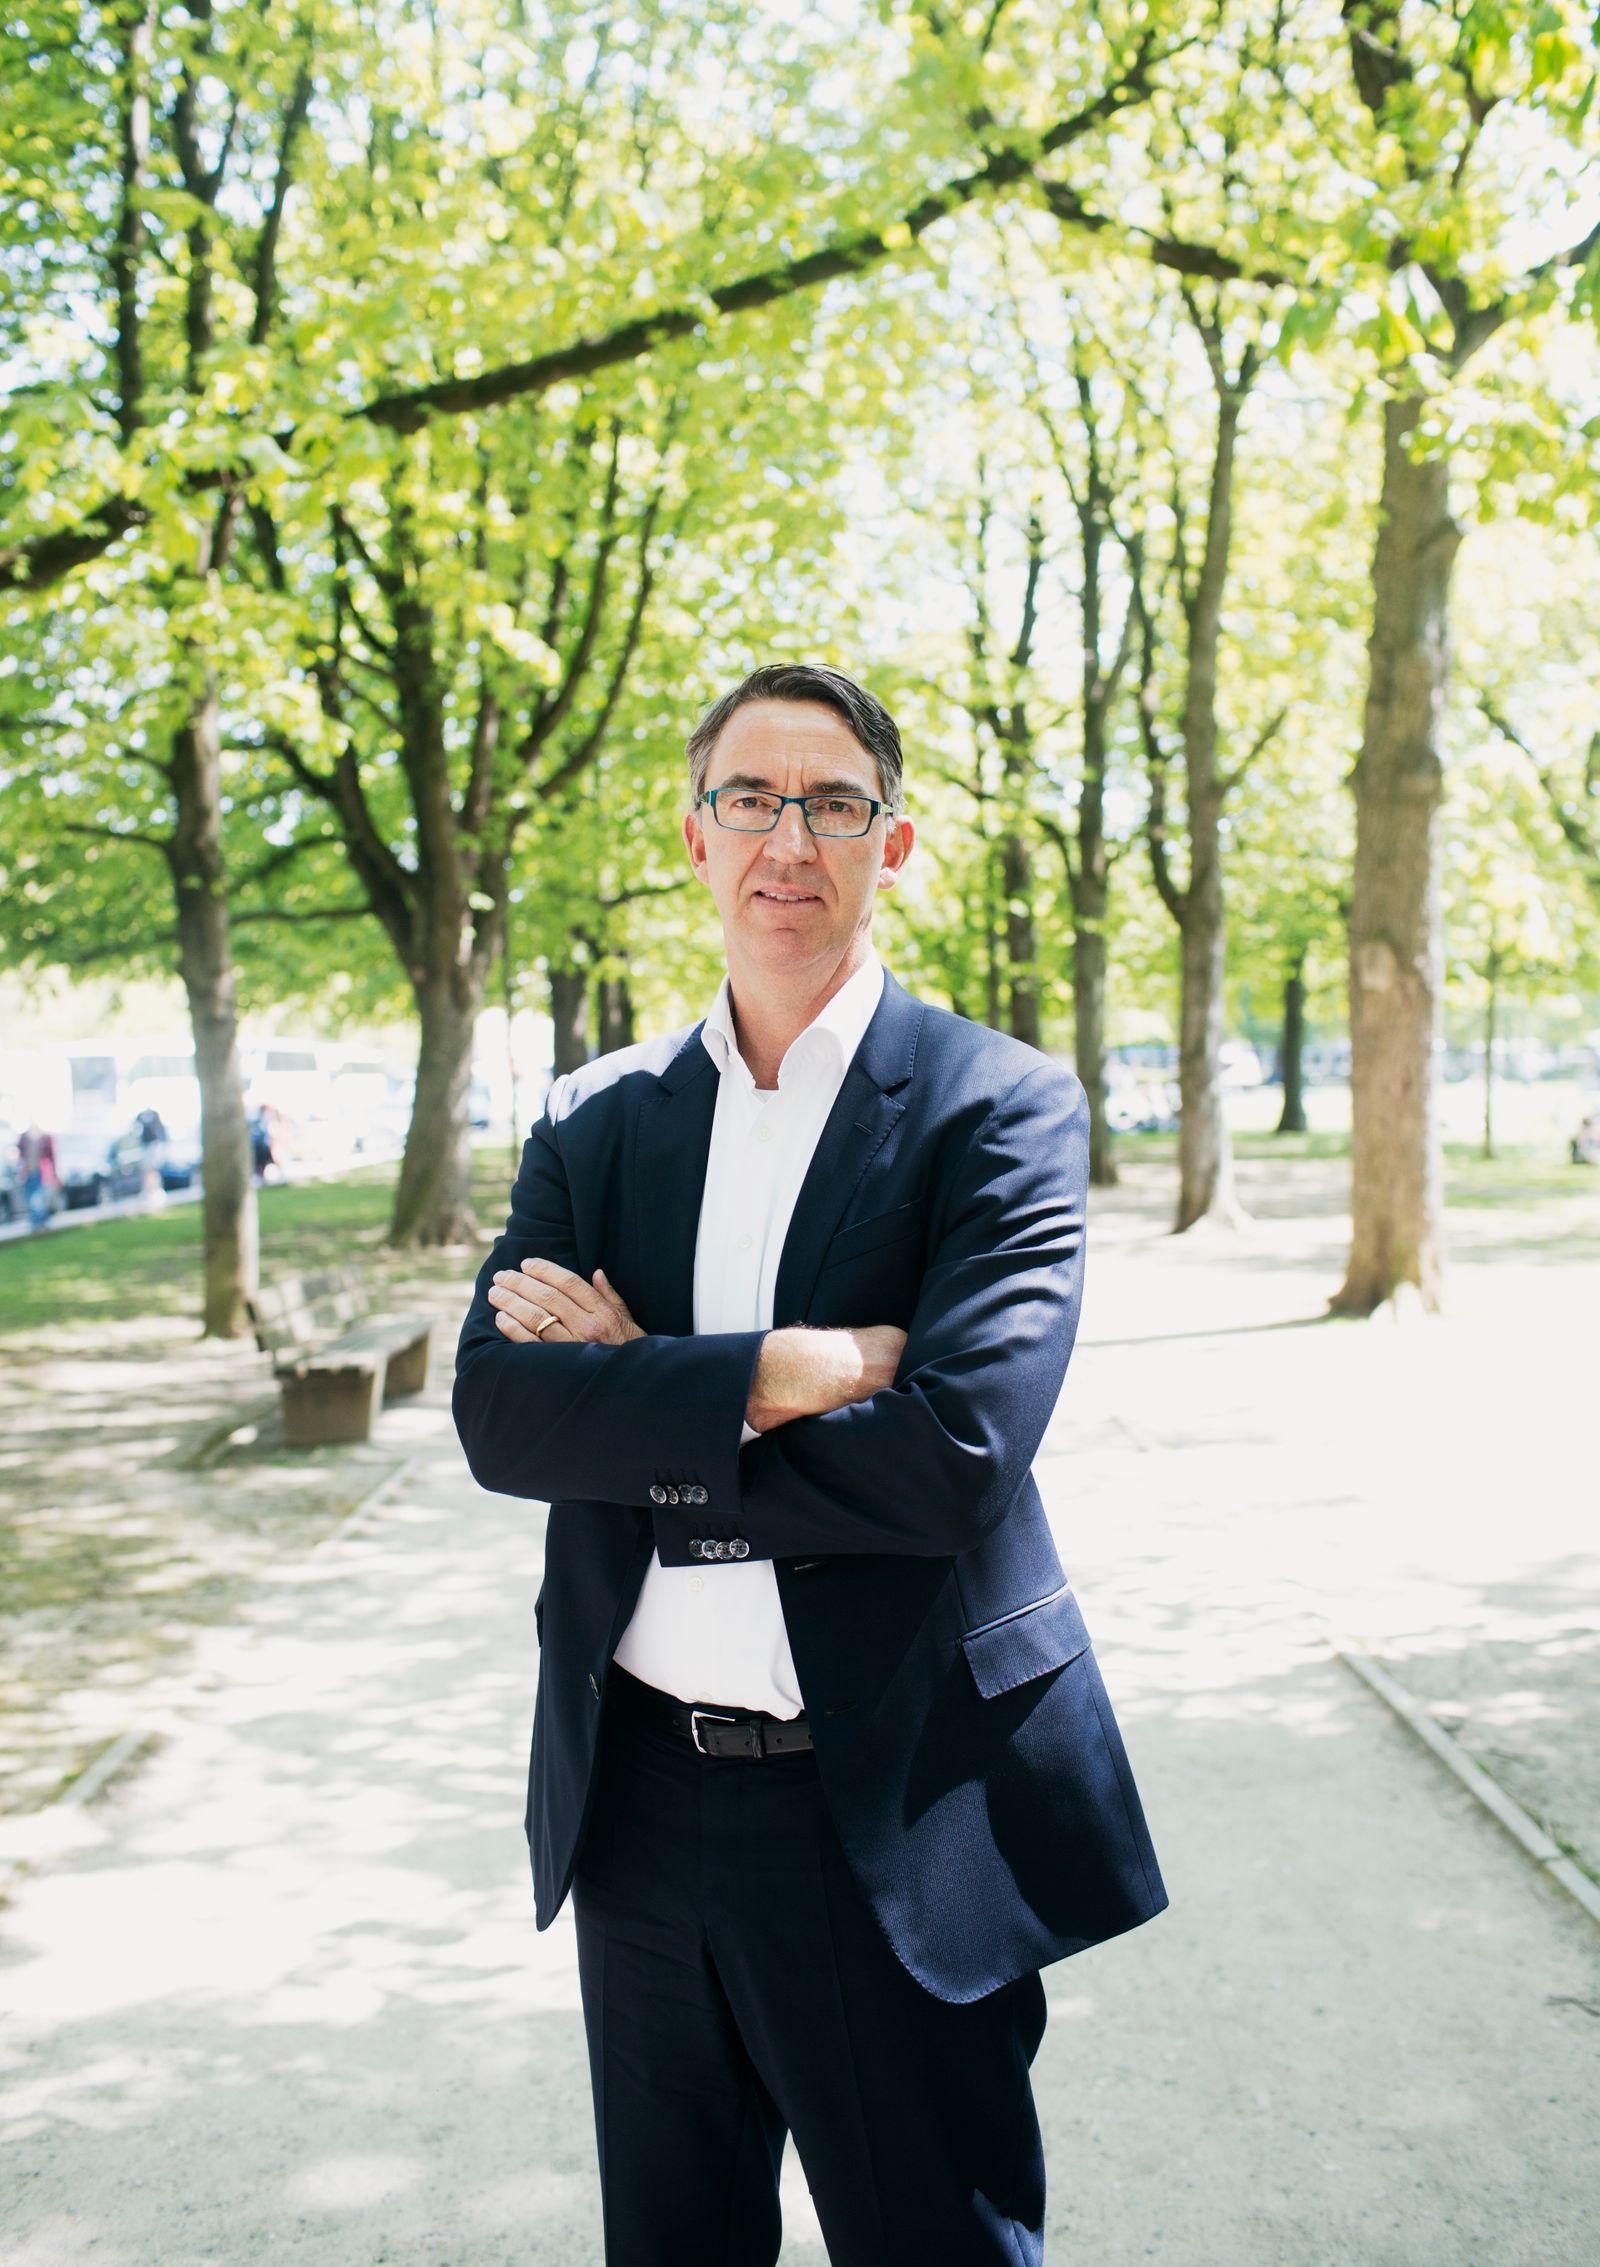 Till Reuter, CEO Kuka für Wirtschaftswoche